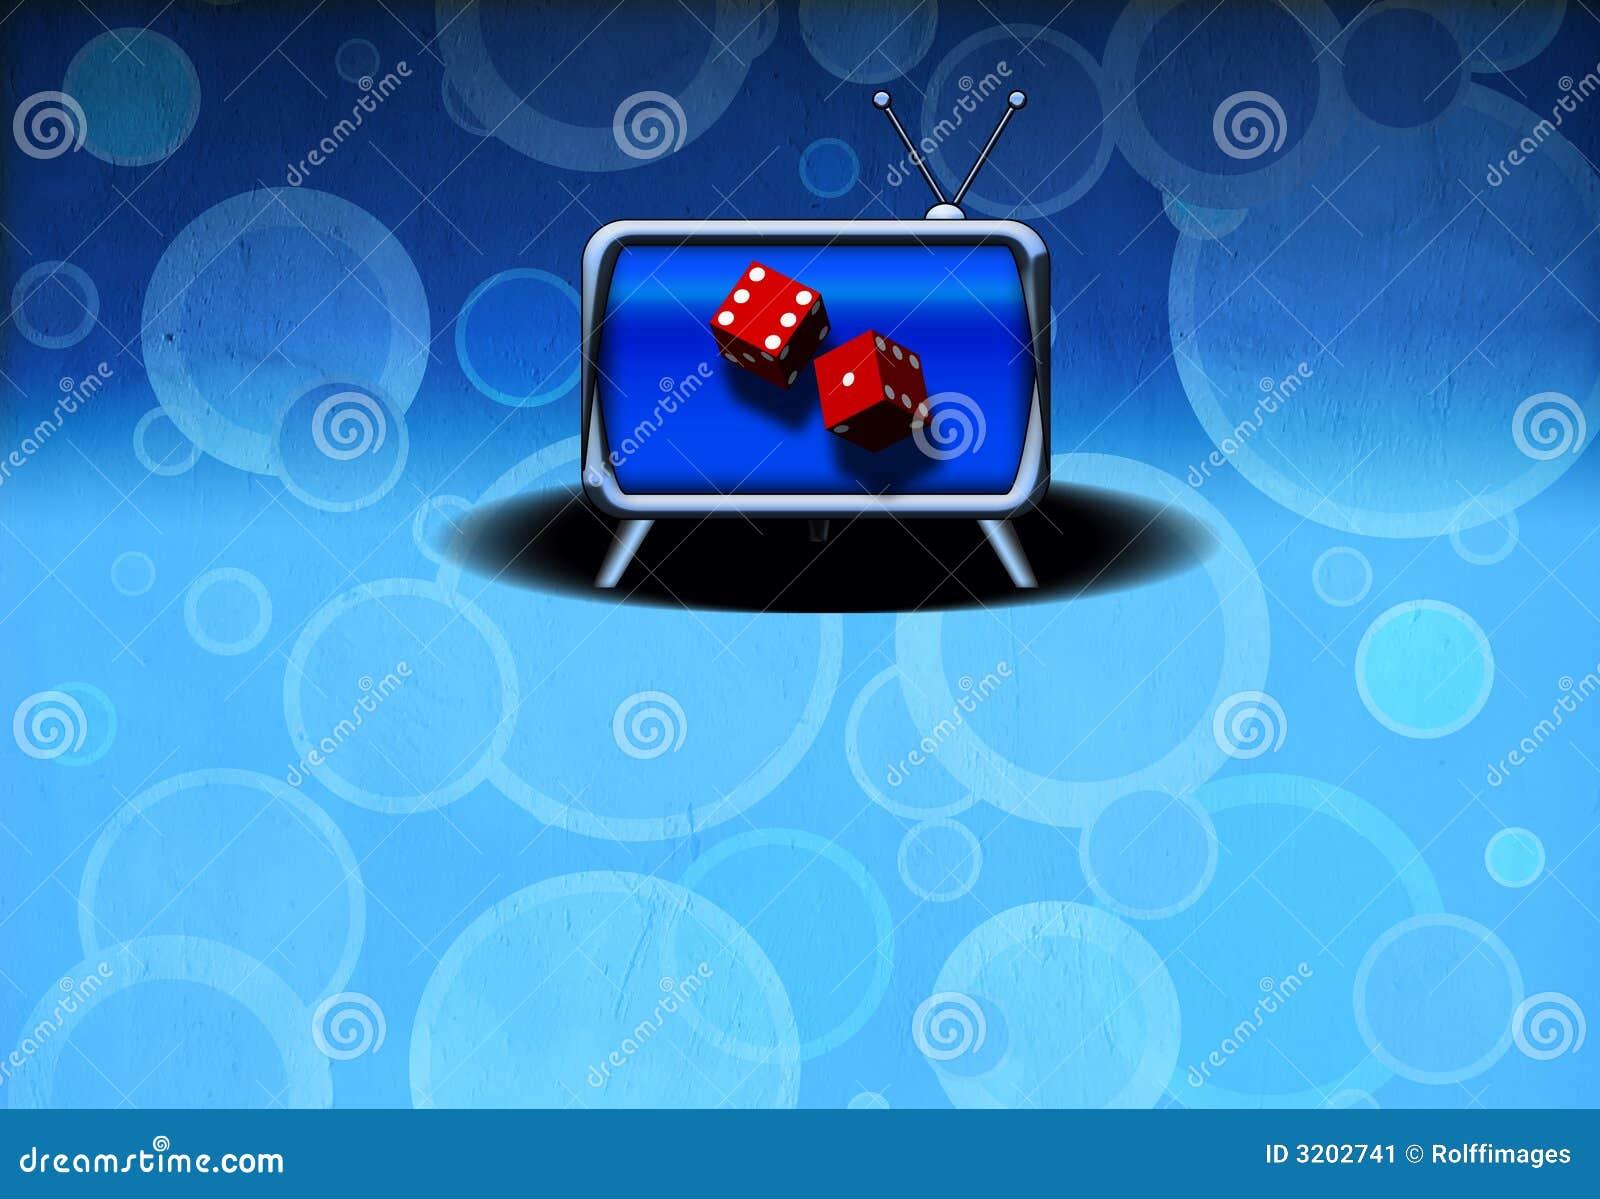 Television Gamble